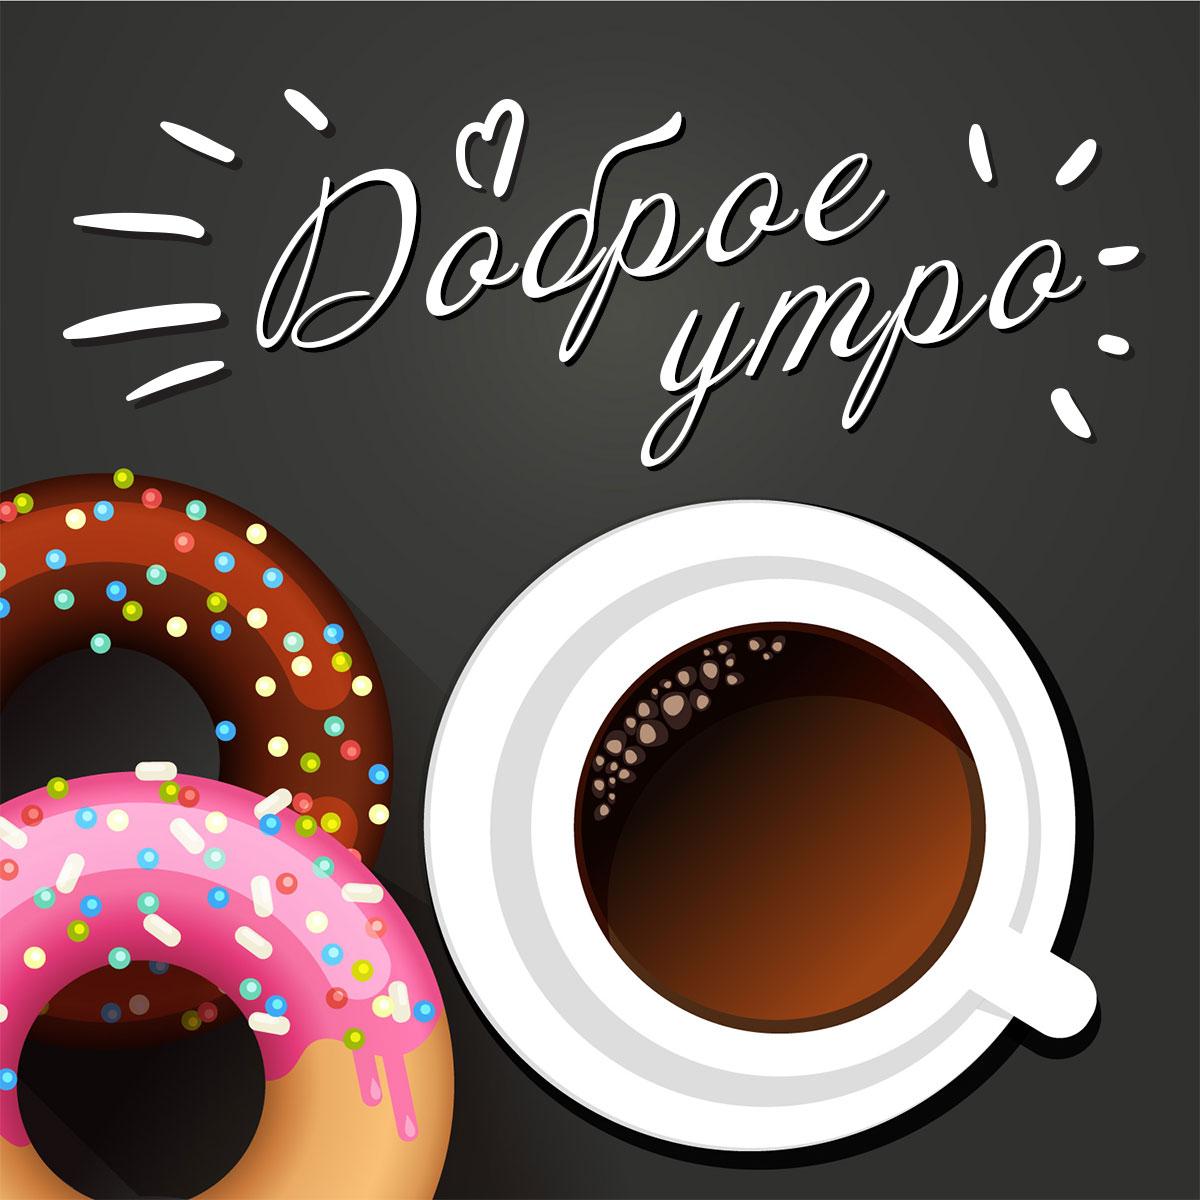 Картинка с текстом: доброе утро сладости - вид сверху на пончики и белую чашку с чёрным кофе